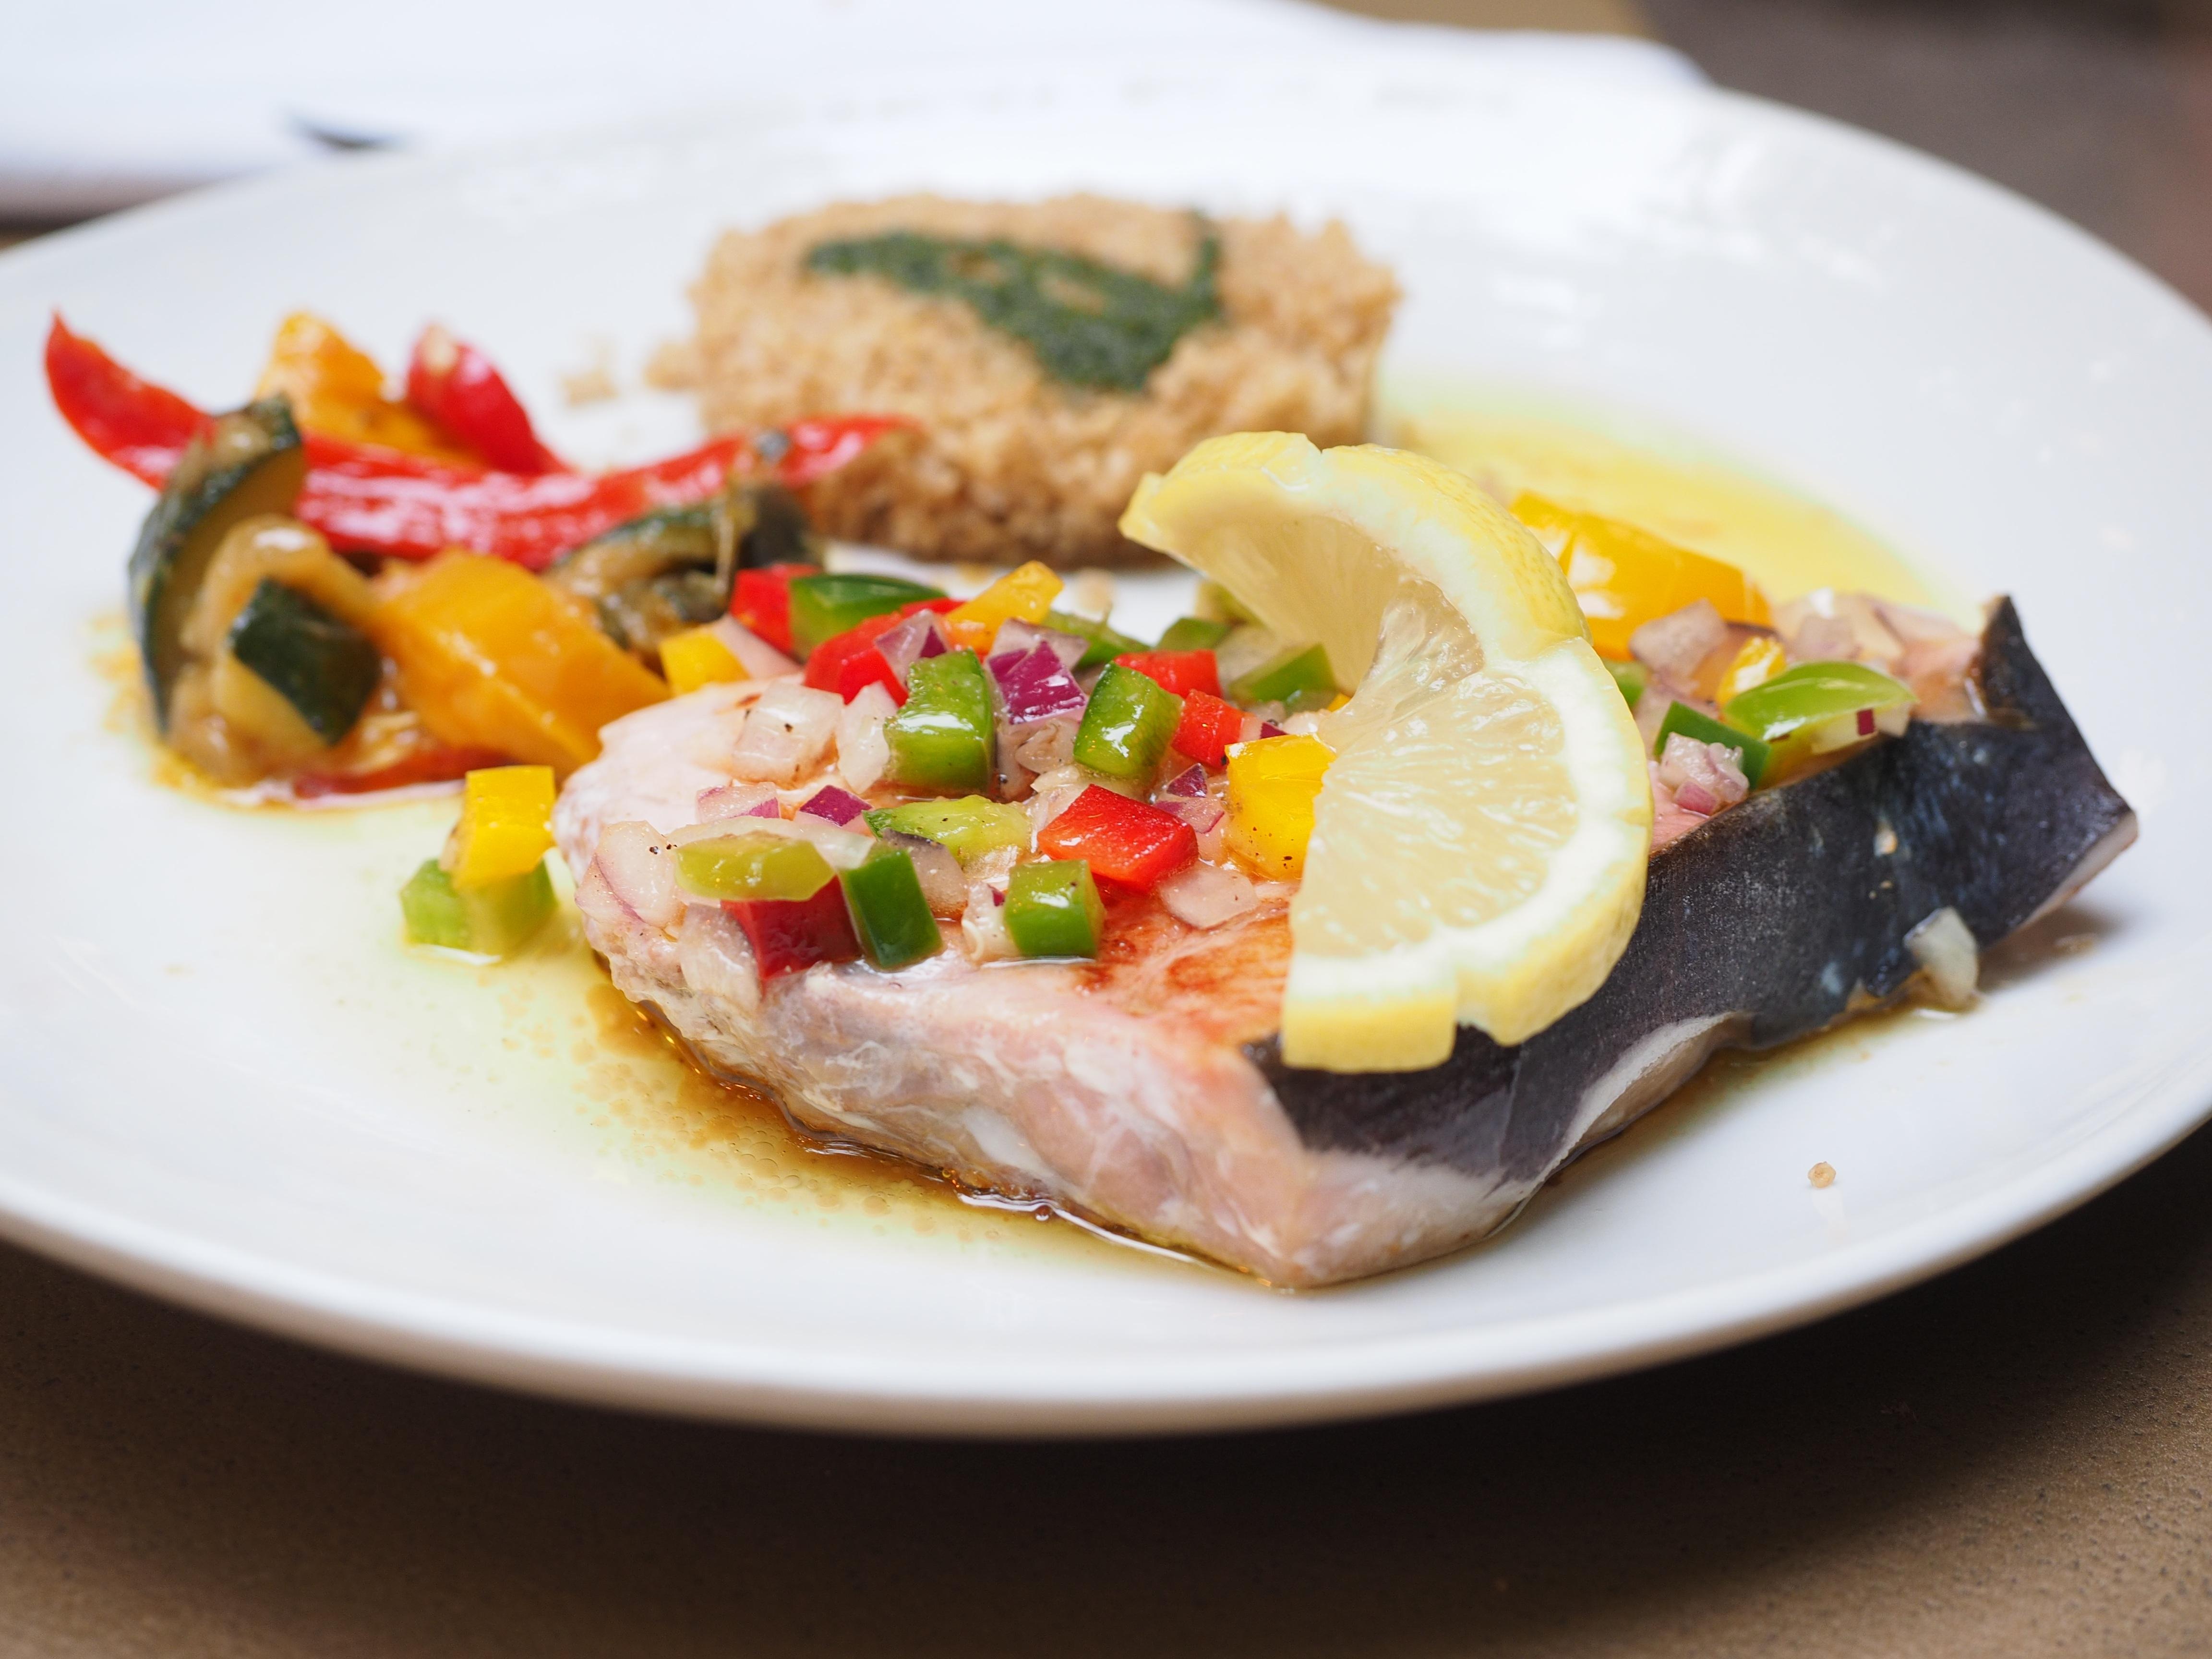 Assez Images Gratuites : plat, repas, aliments, produire, légume  TA98